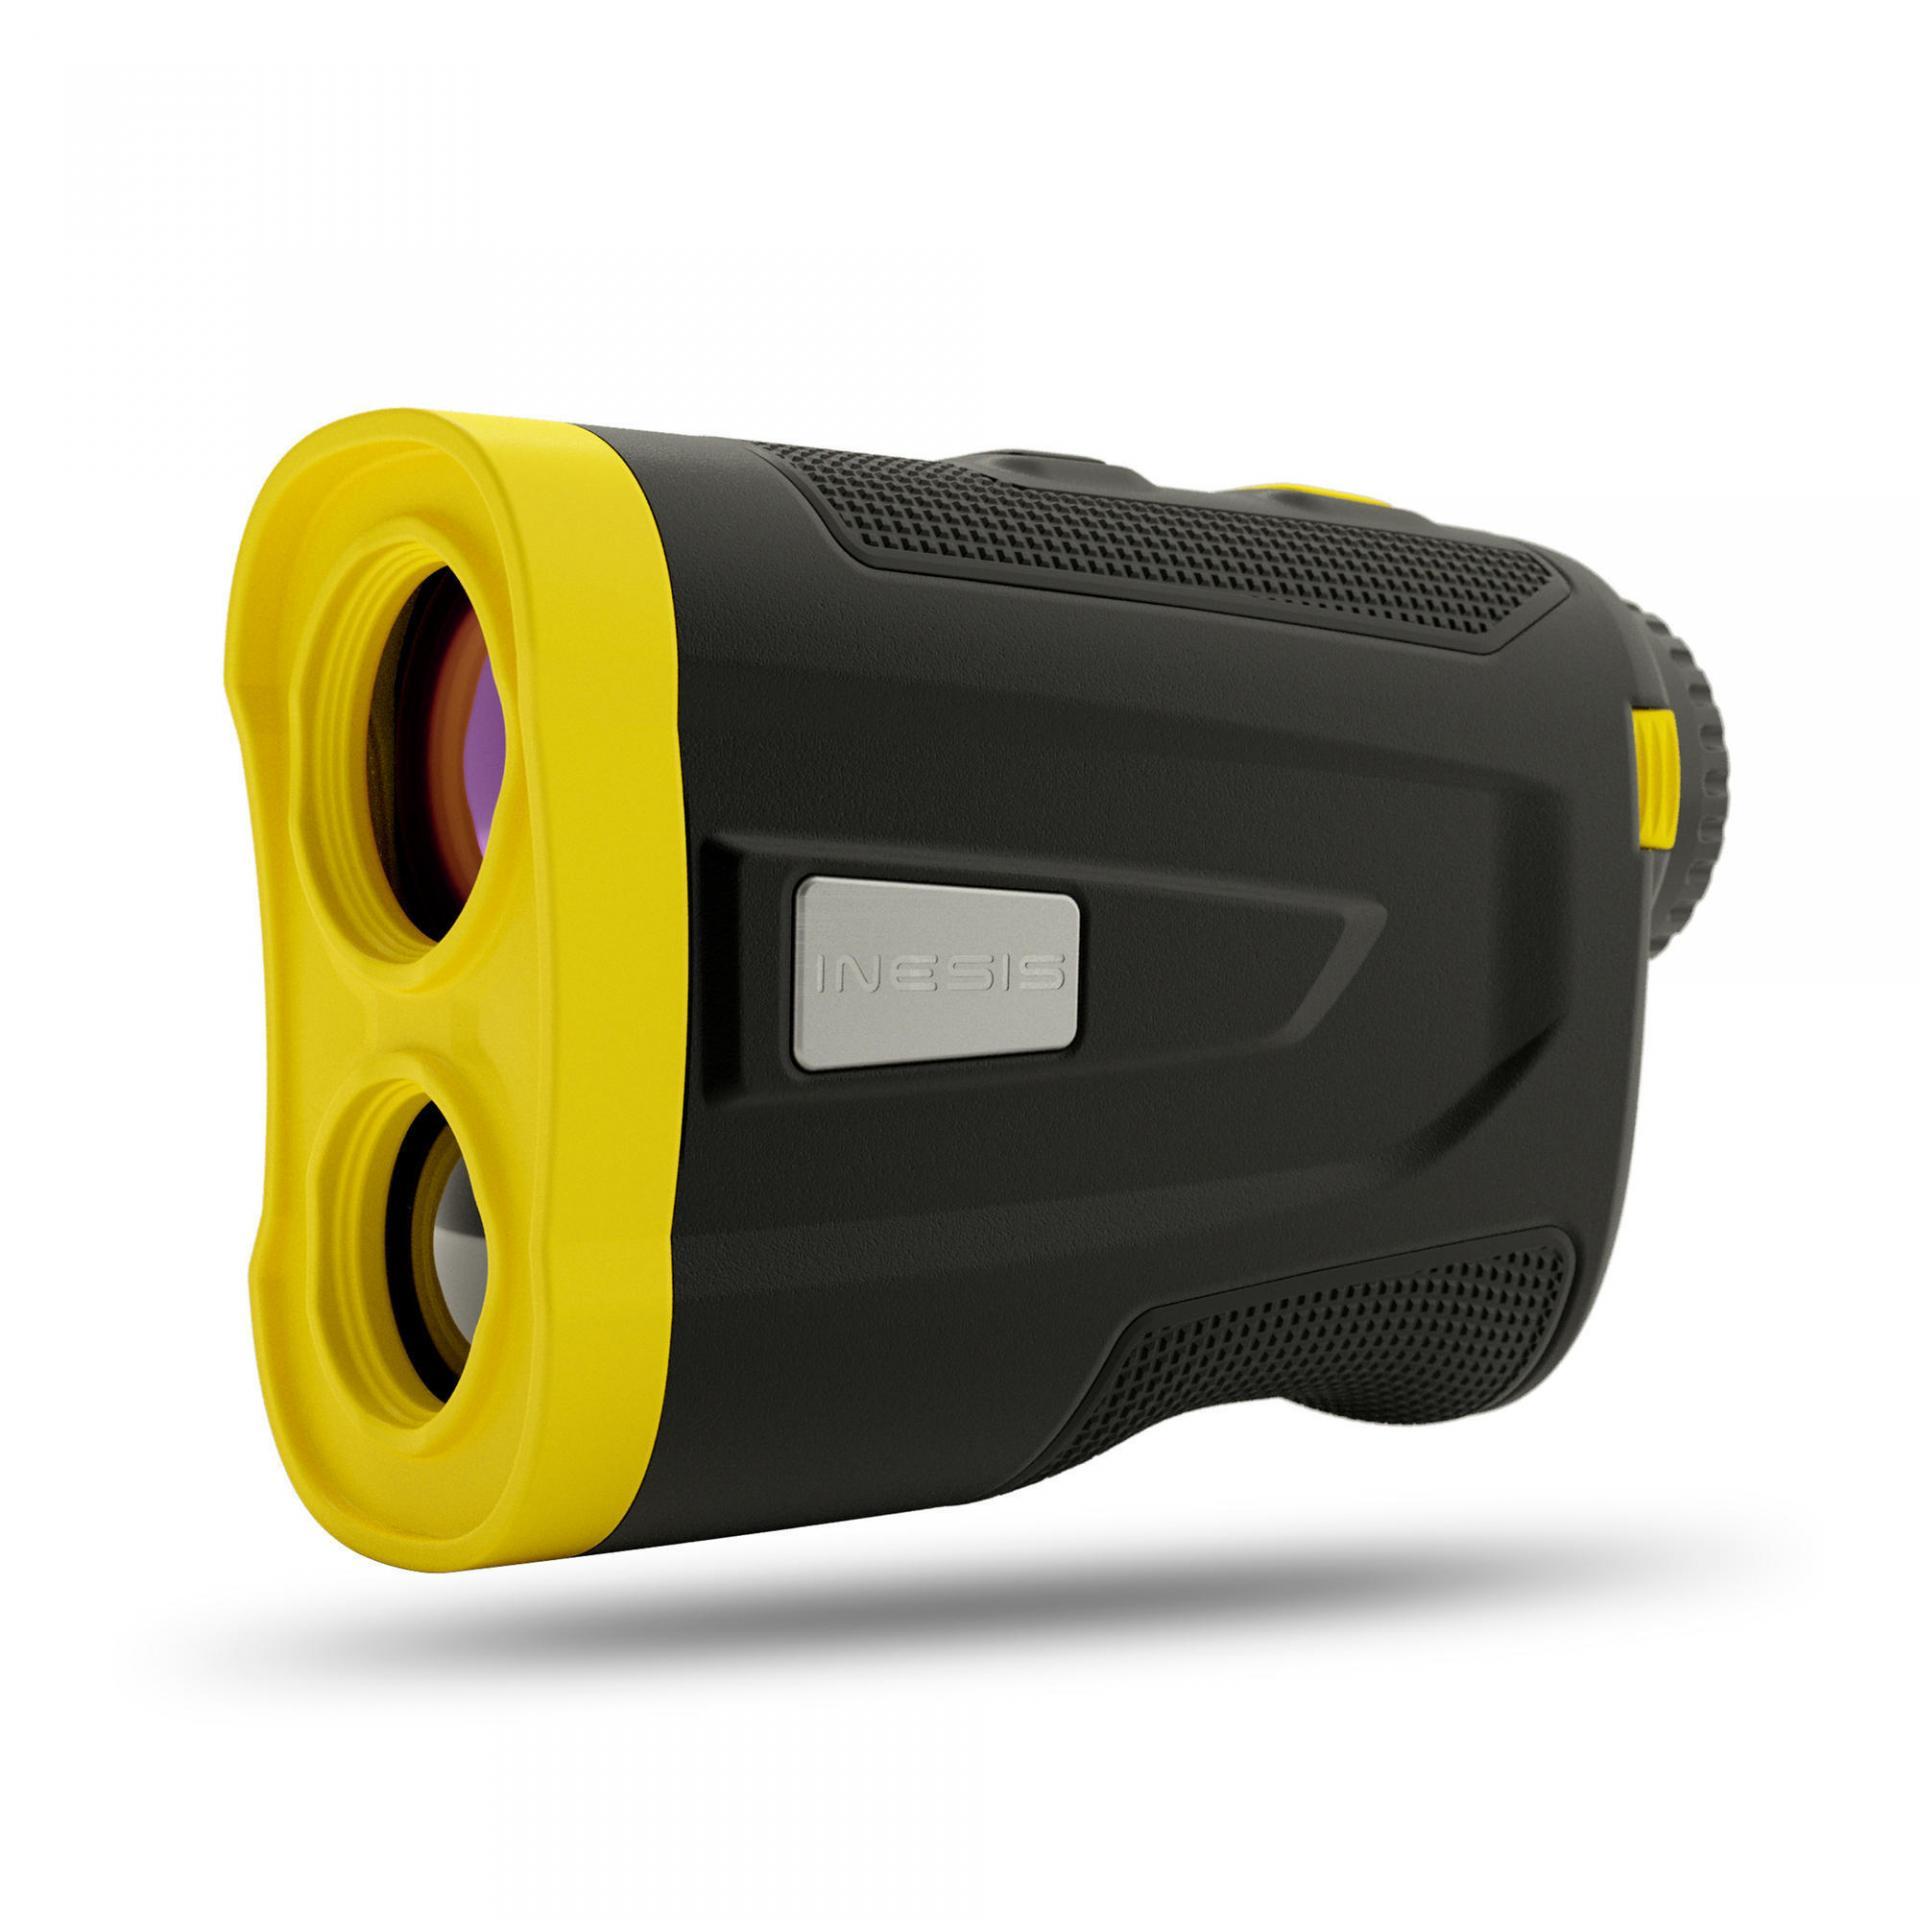 Telemetre laser de golf 900